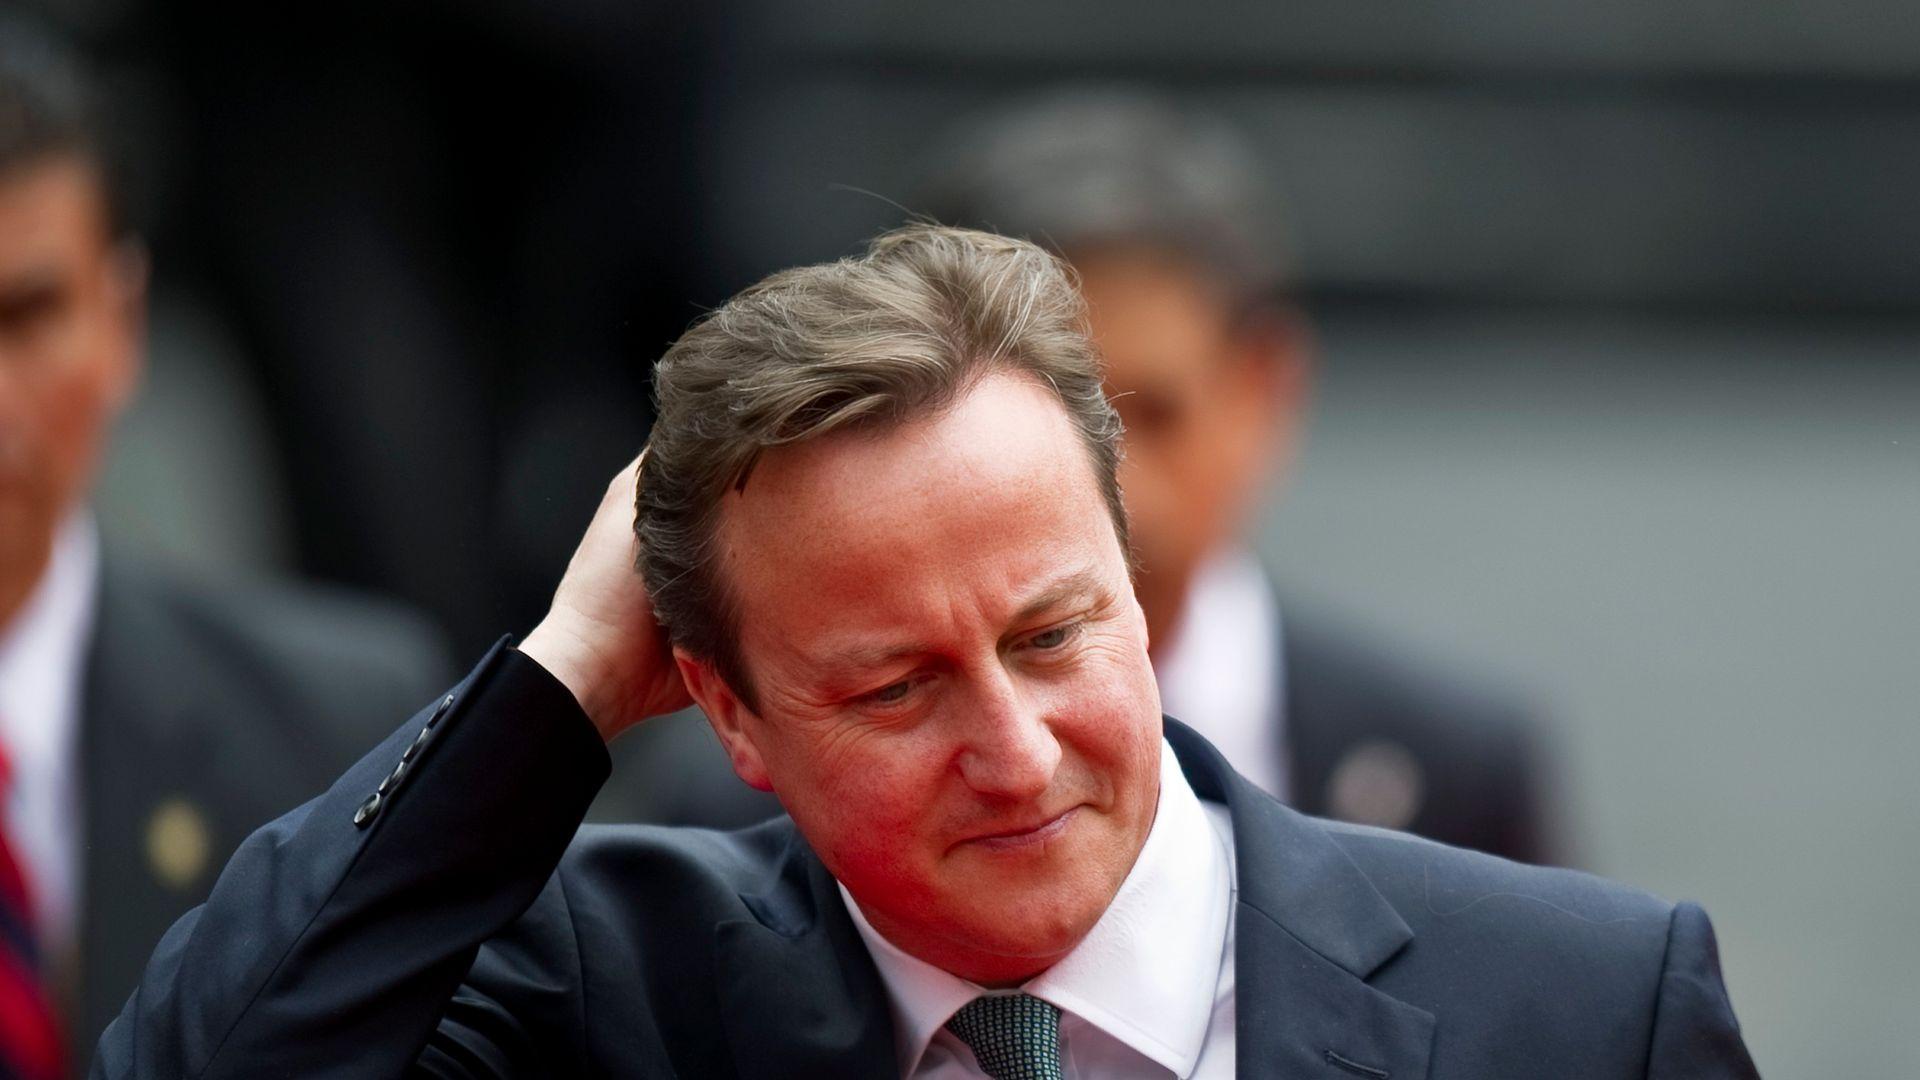 Former British prime minister David Cameron - Credit: AFP via Getty Images